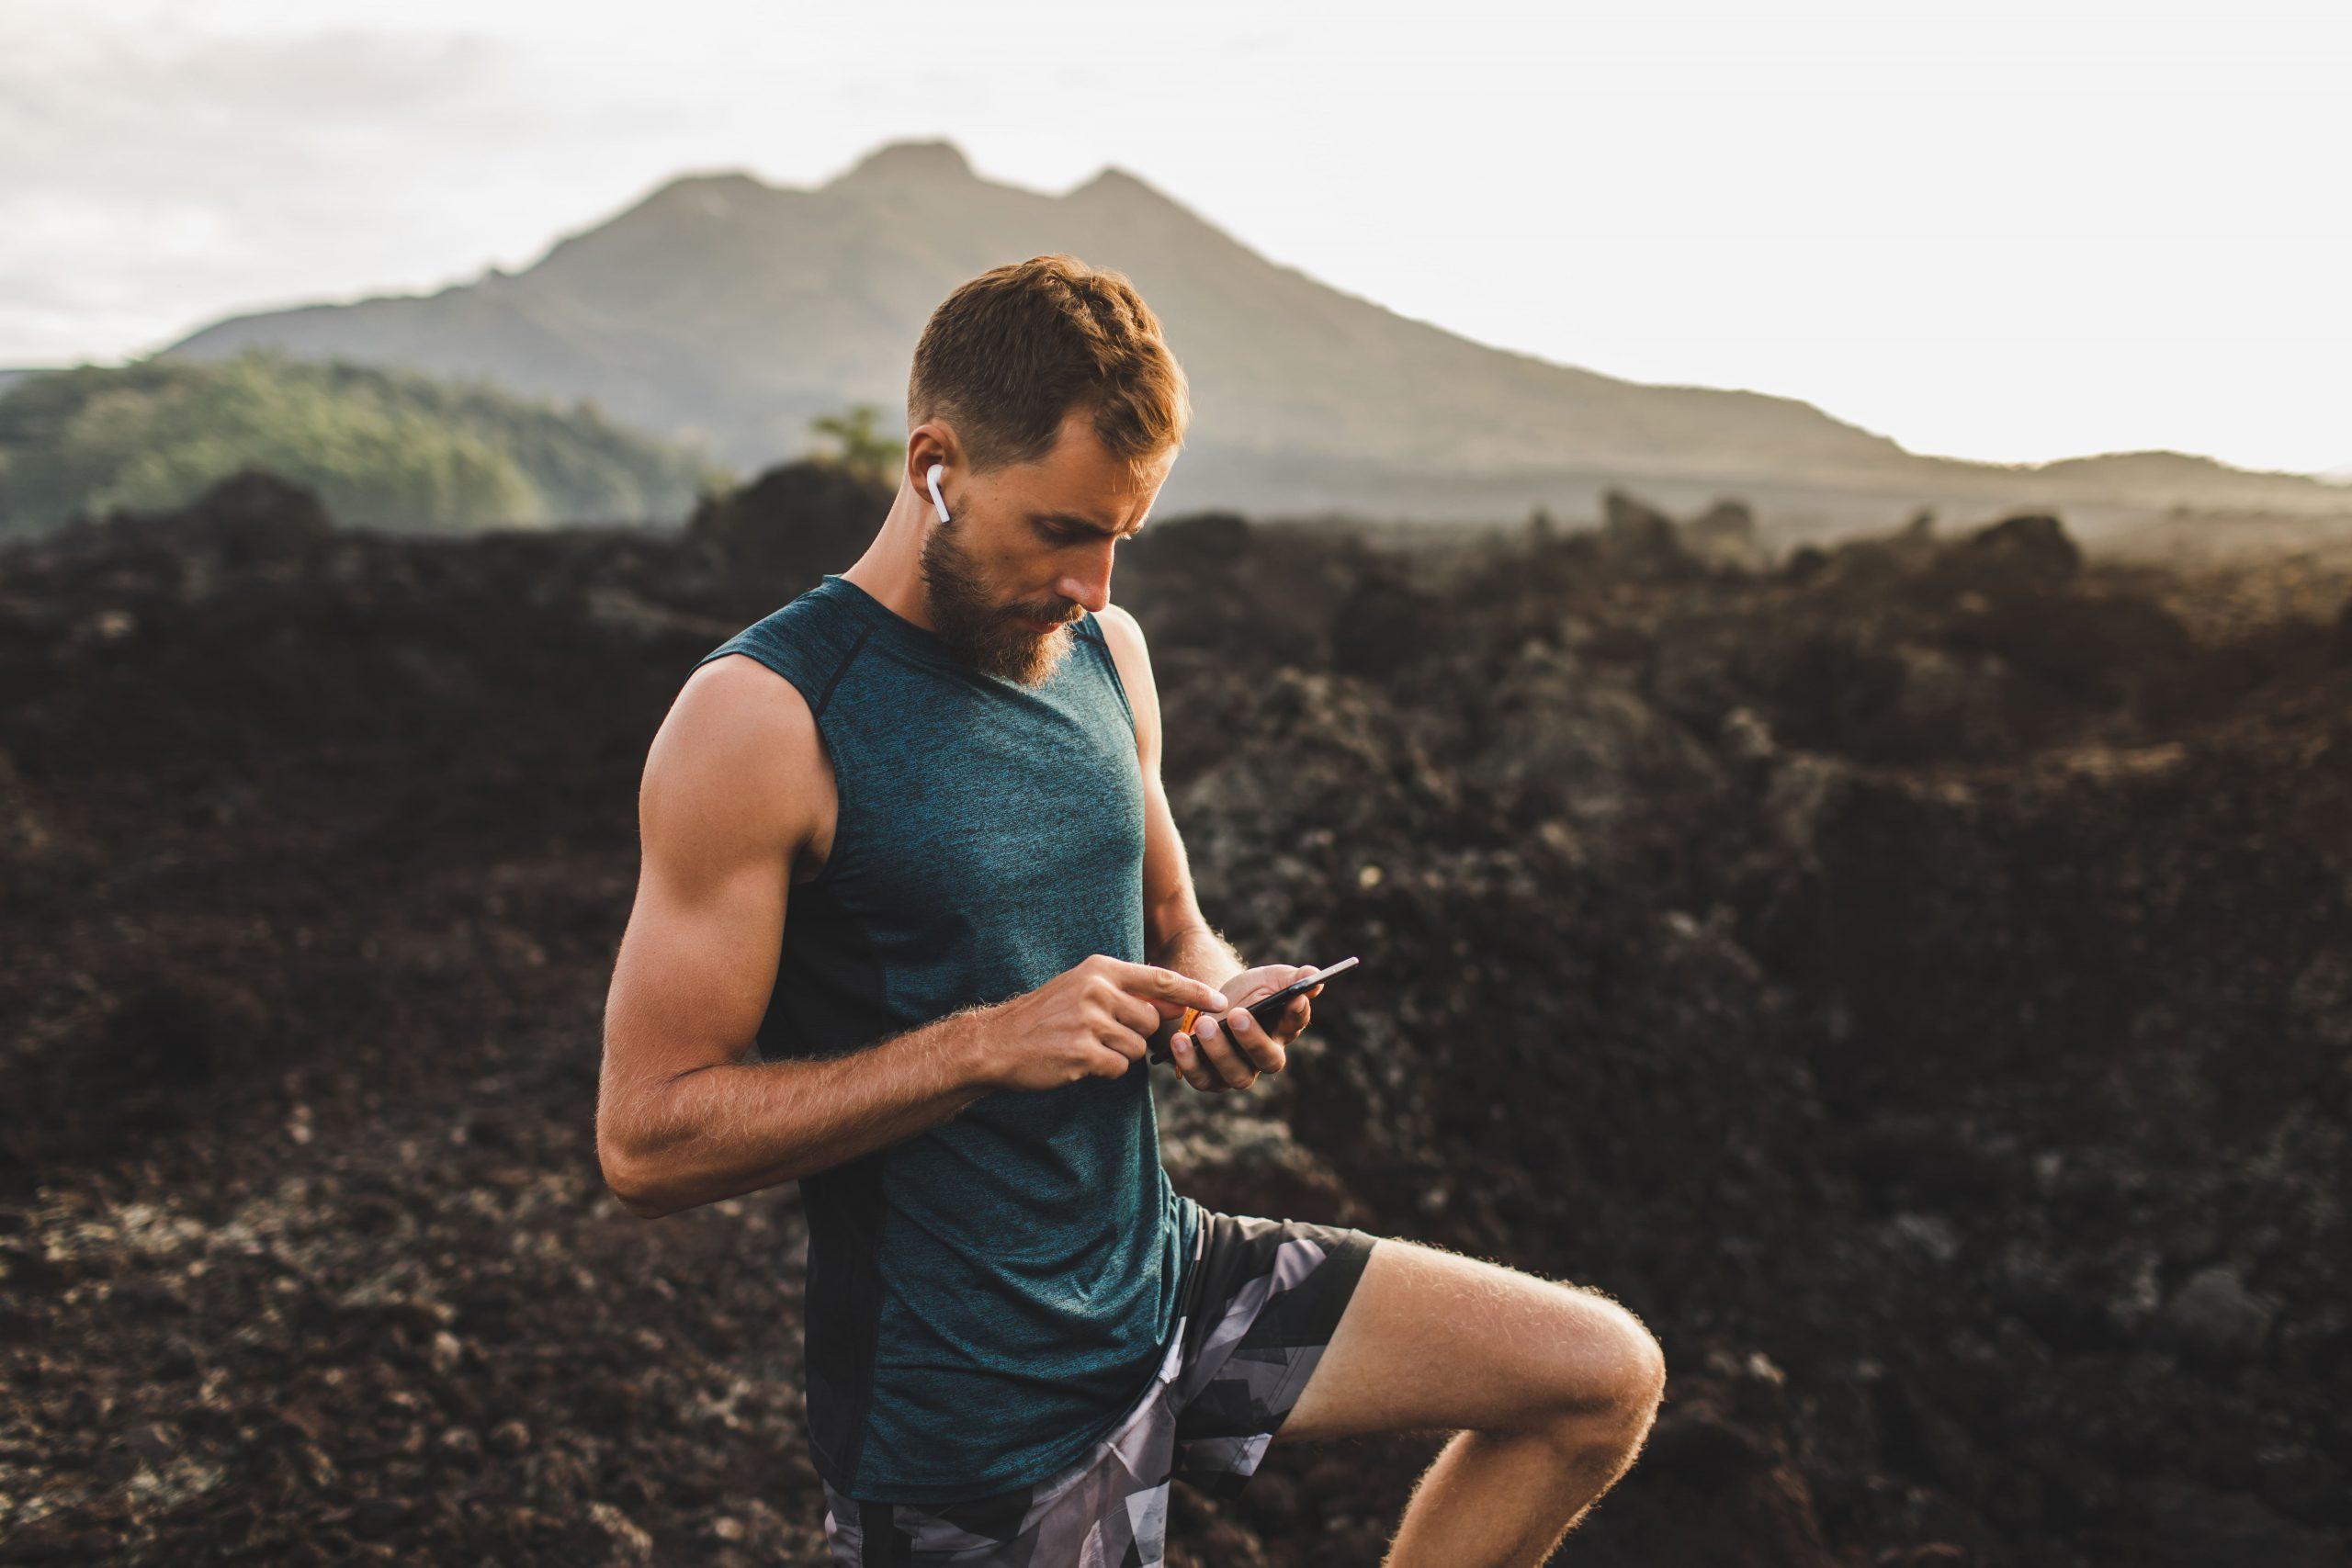 Läufer misst Laufstrecke per App